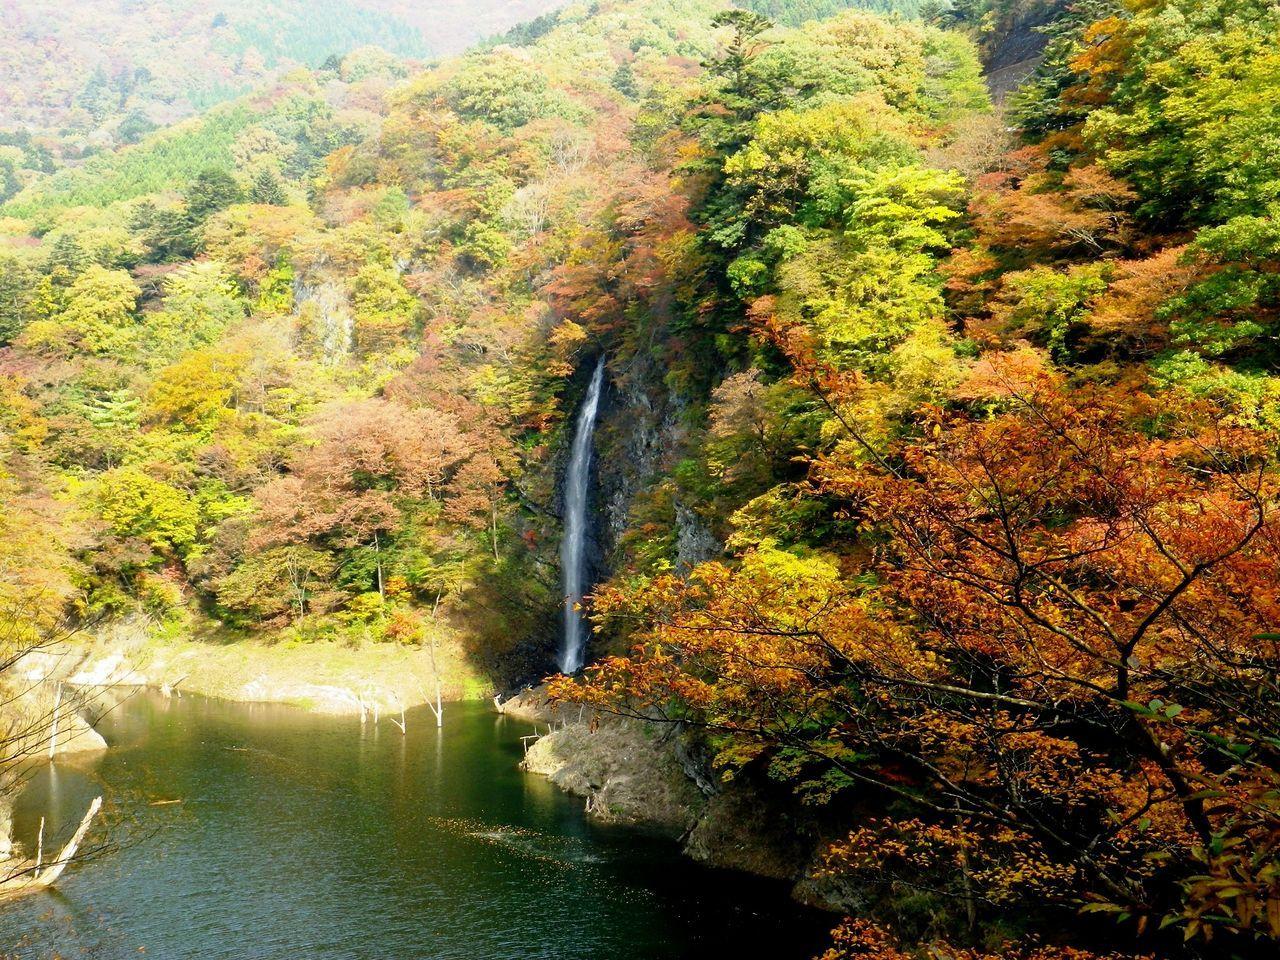 塩原観光おすすめスポット15選!温泉だけじゃない!渓谷の眺めは最高!